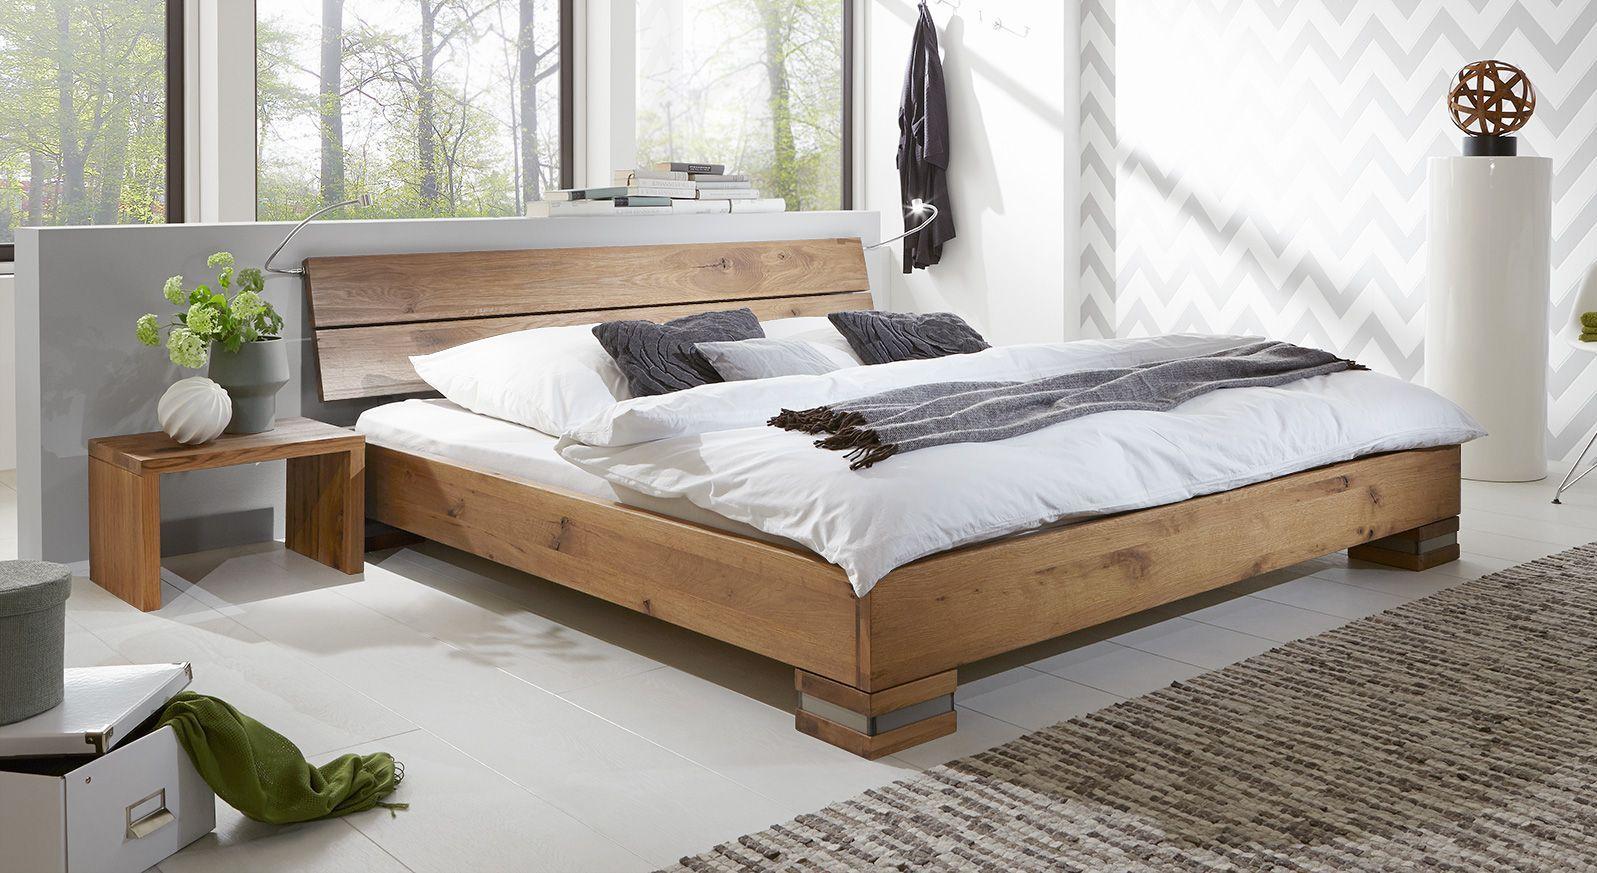 Full Size of Bewertung Betten Massivholzbett Und Kopfteil In Rustikaler Eiche Curada Bett Www.betten.de